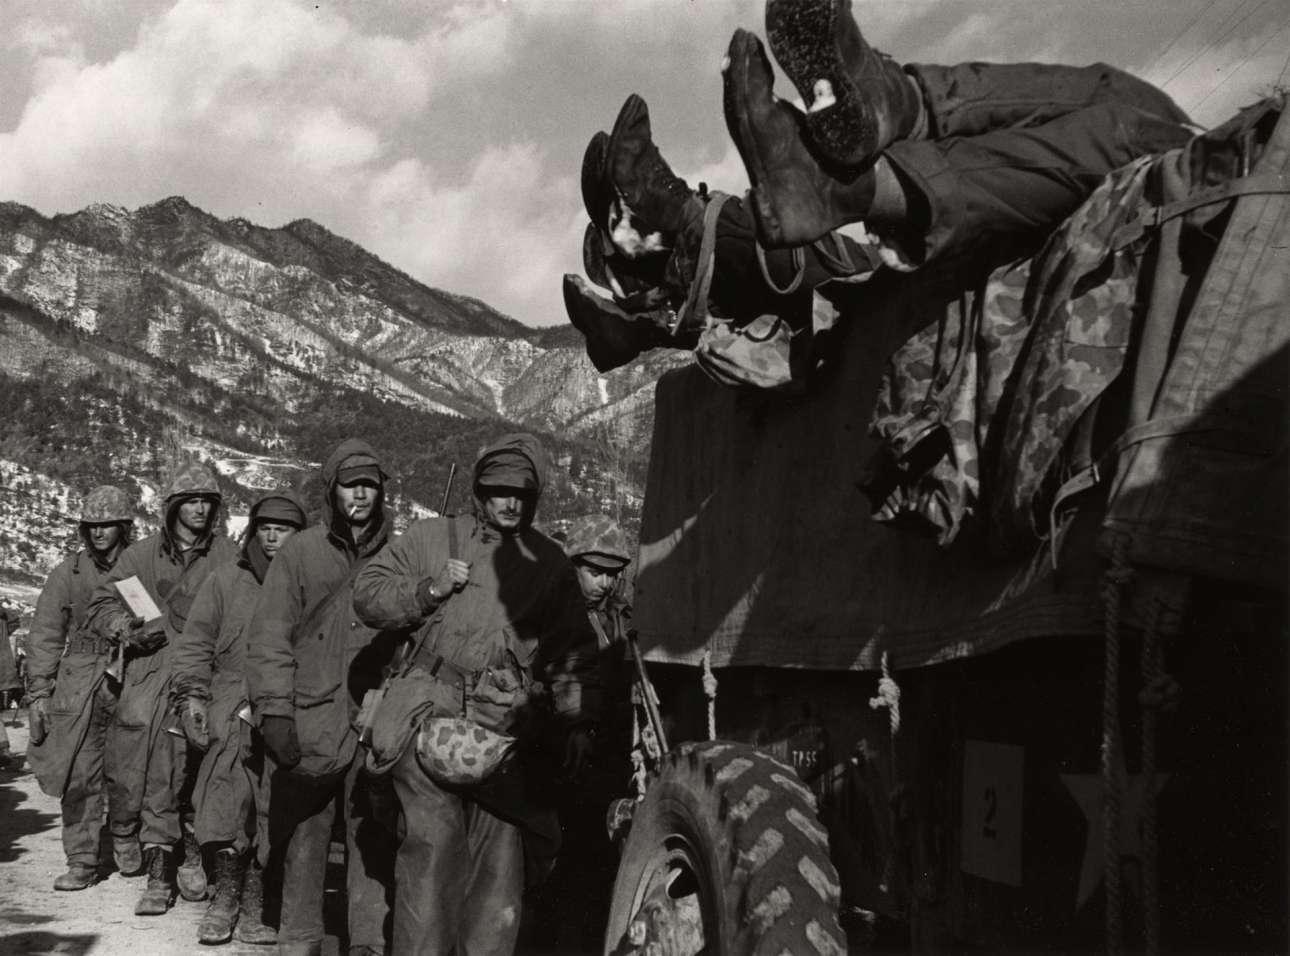 Πόλεμος της Κορέας, 1950. Μιλώντας για τη δουλειά του ως πολεμικός φωτογράφος, ο Ντάνκαν είπε: «ένιωσα ίσως ότι οι άνδρες εκεί έξω άξιζαν να φωτογραφηθούν ακριβώς όπως είναι, είτε τρέχουν φοβισμένοι, είτε επιδεικνύουν θάρρος, είτε κρύβονται σε μια τρύπα, είτε μιλάνε και γελούν. Πιστεύω ότι έδωσα μια αίσθηση αξιοπρέπειας στο πεδίο της μάχης»